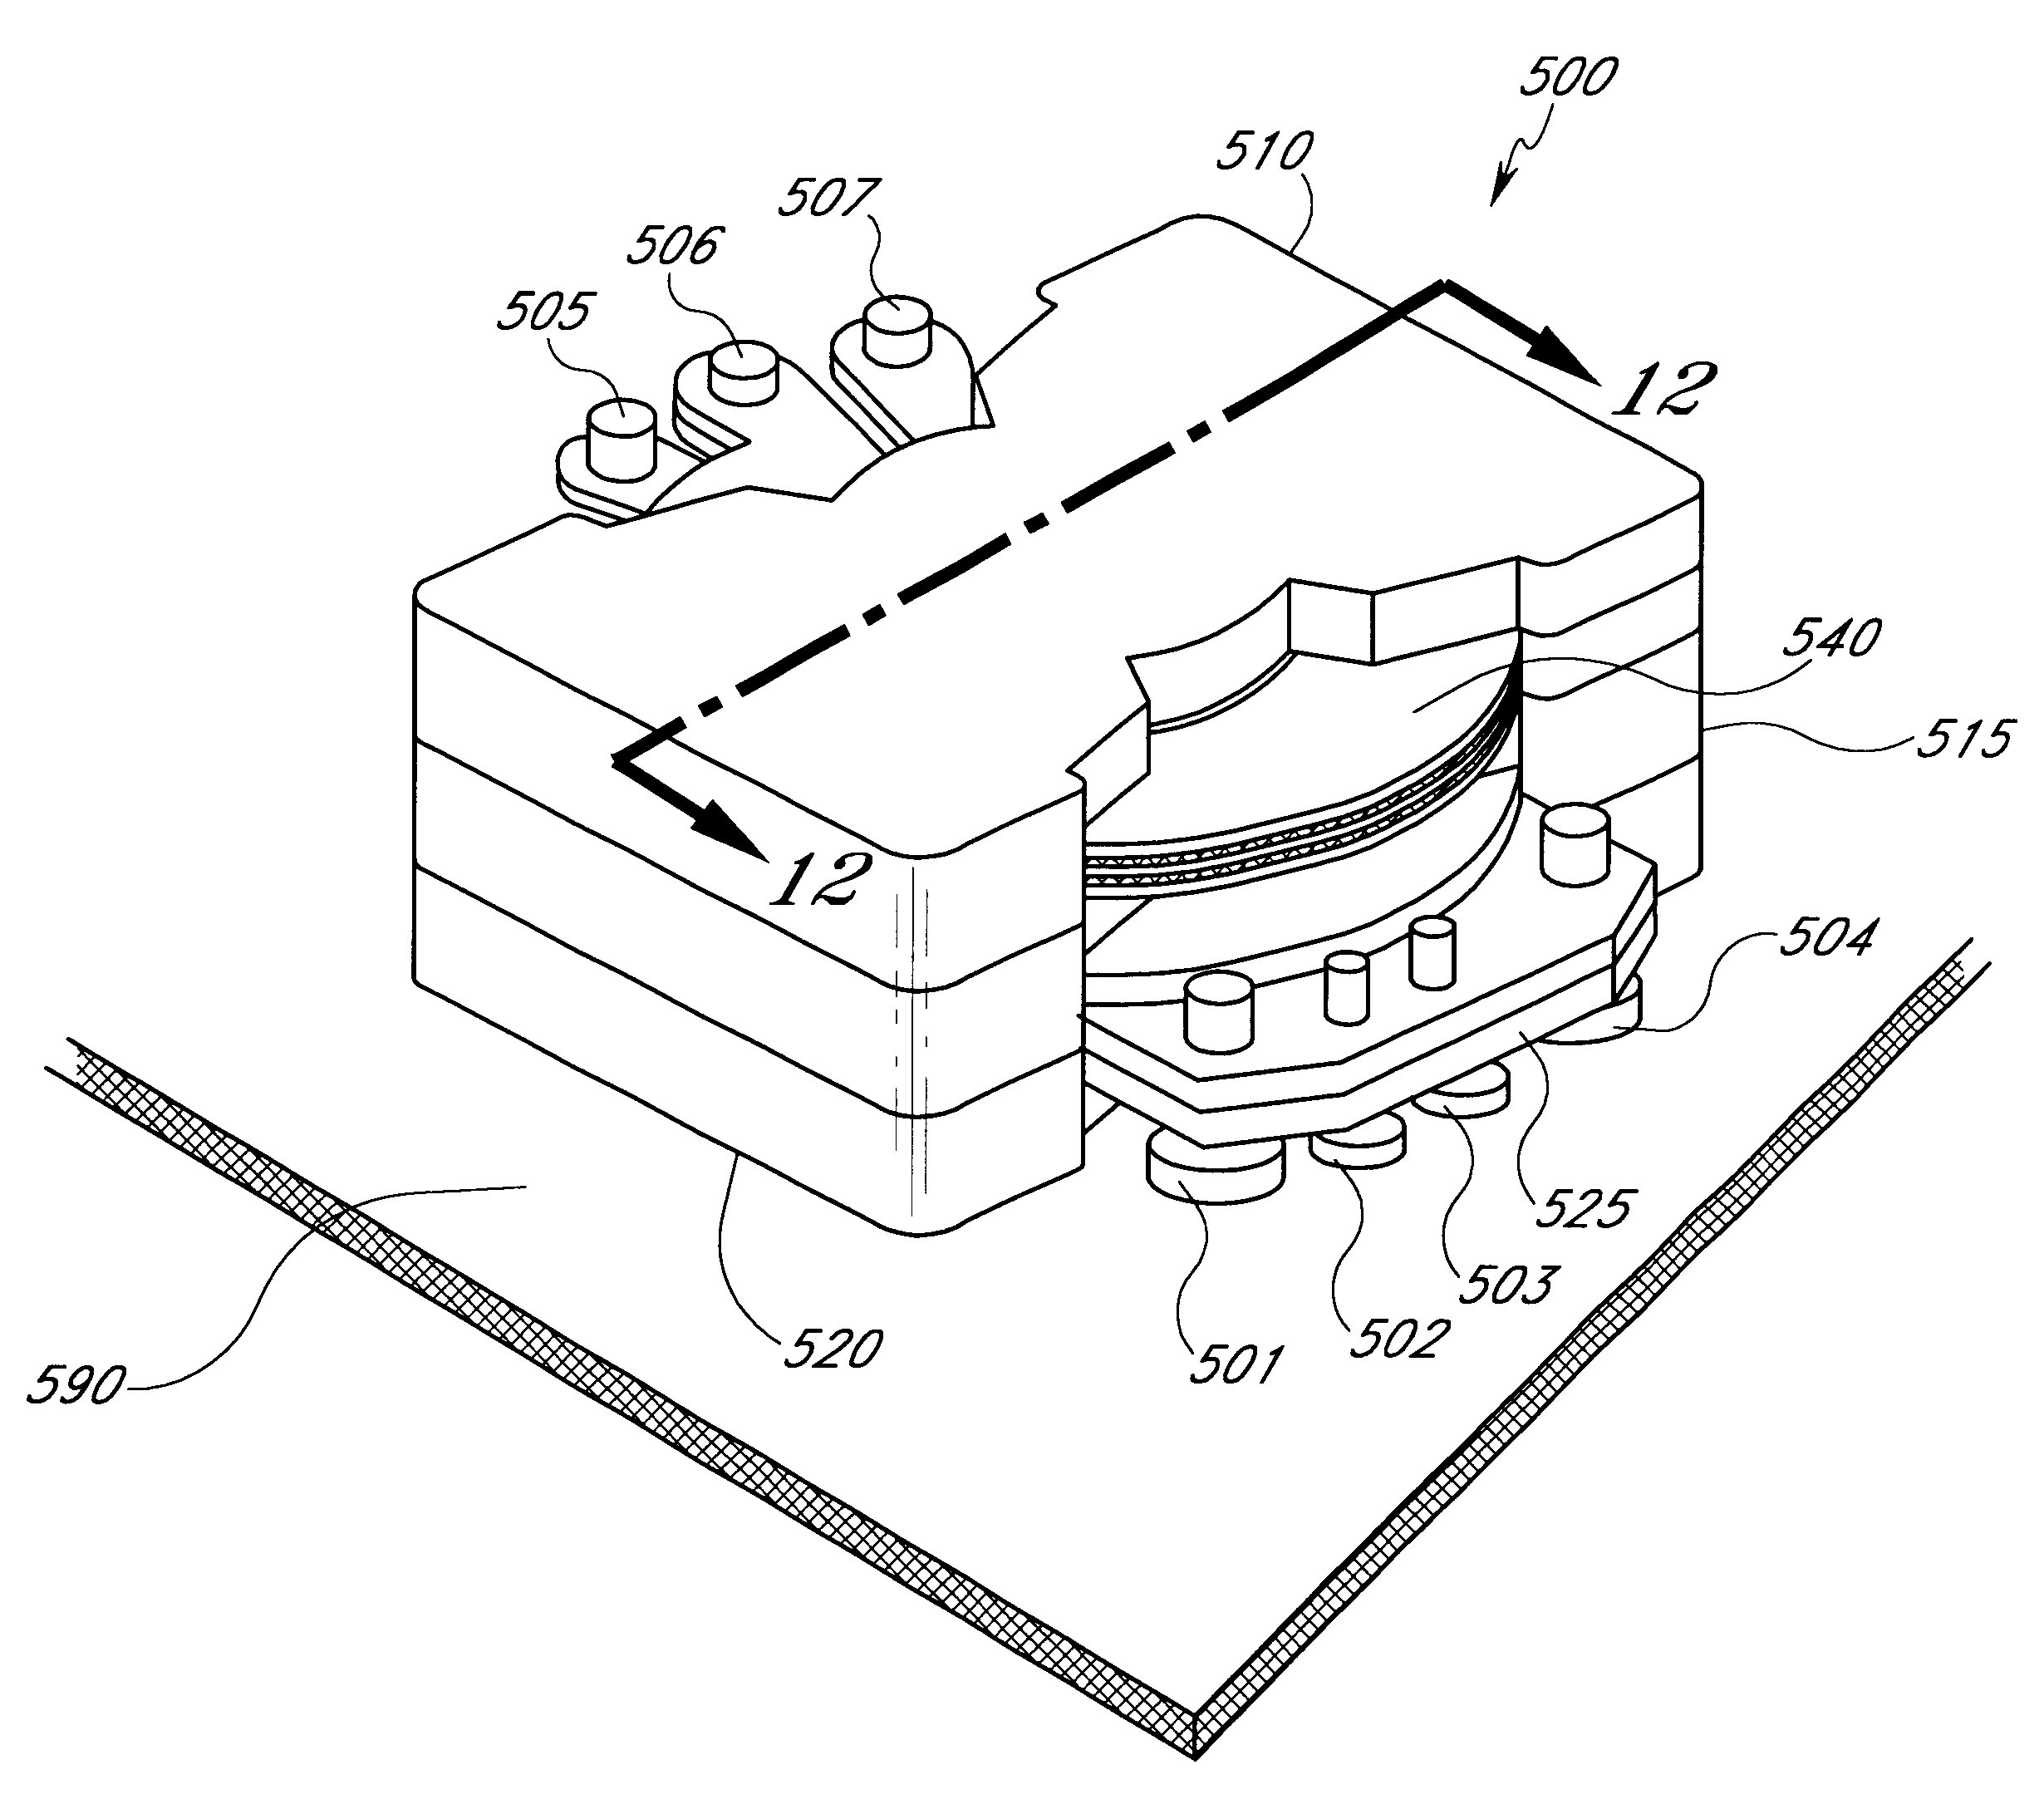 patent us6420953